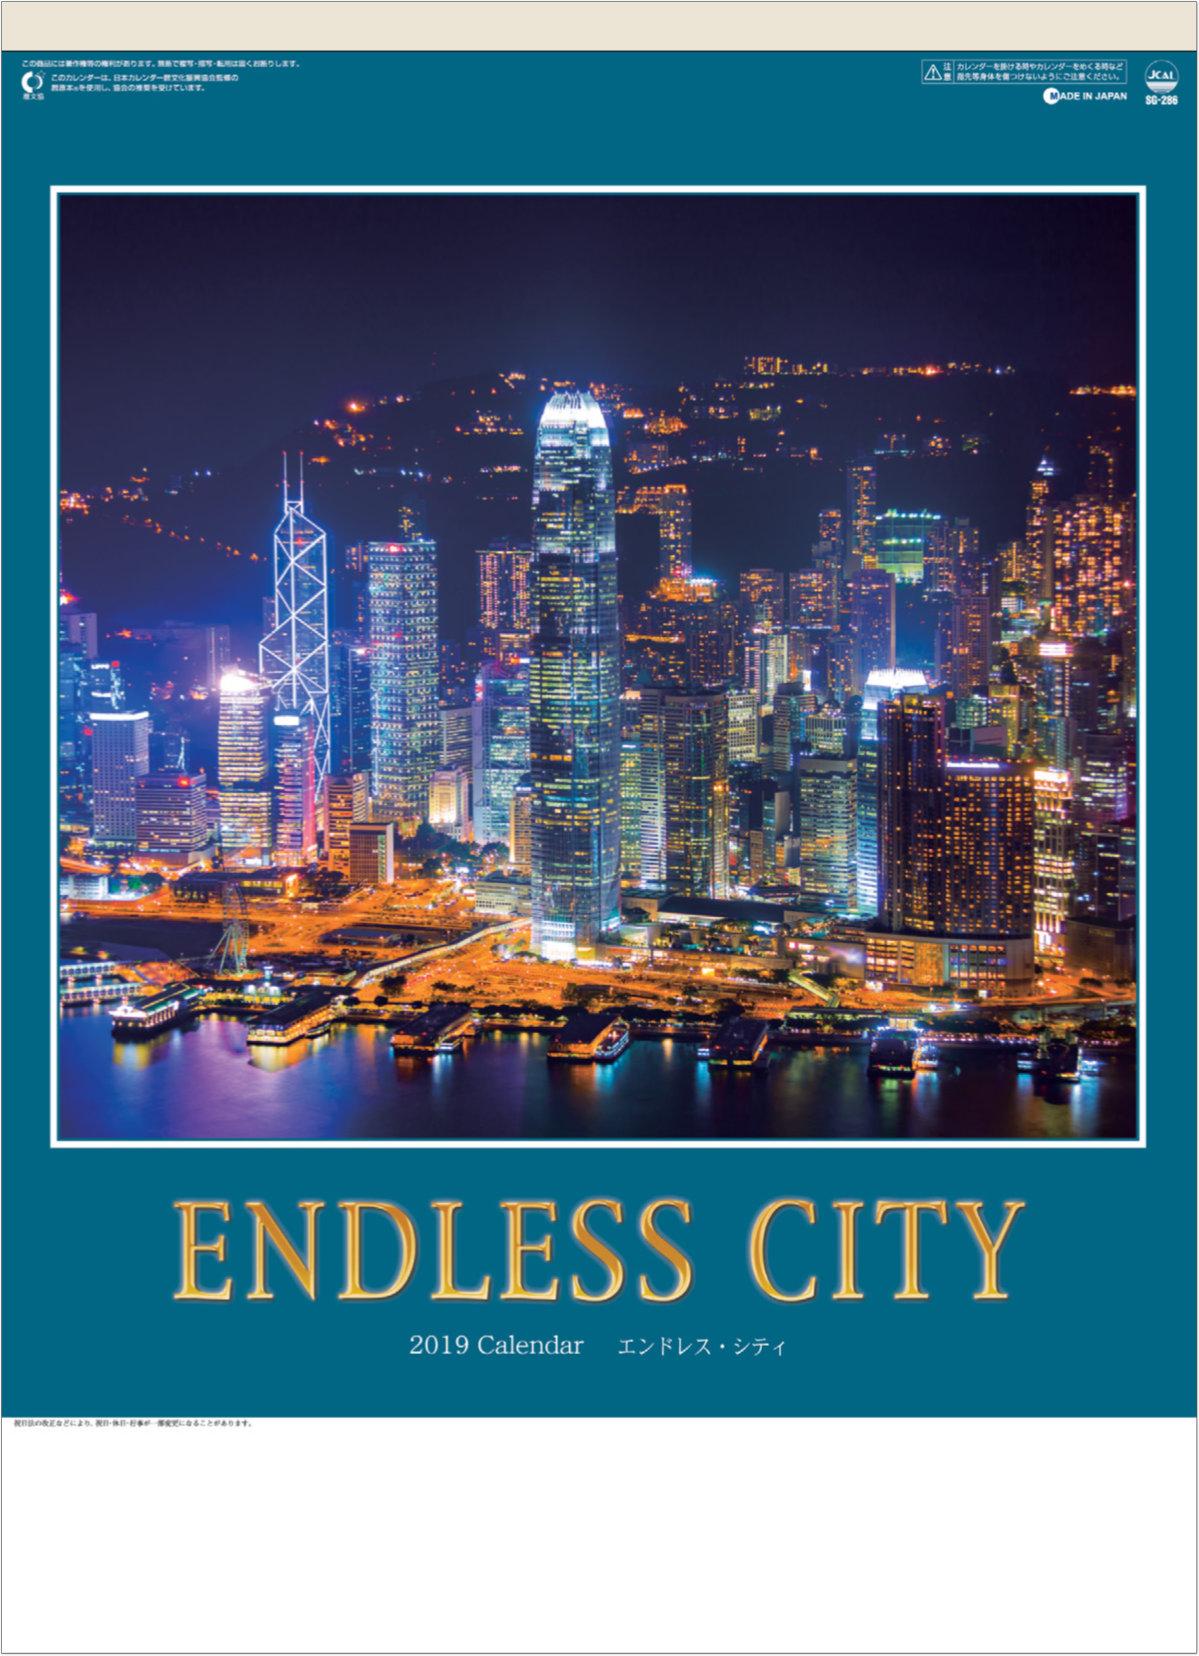 エンドレスシティ・世界の夜景 2019年カレンダー